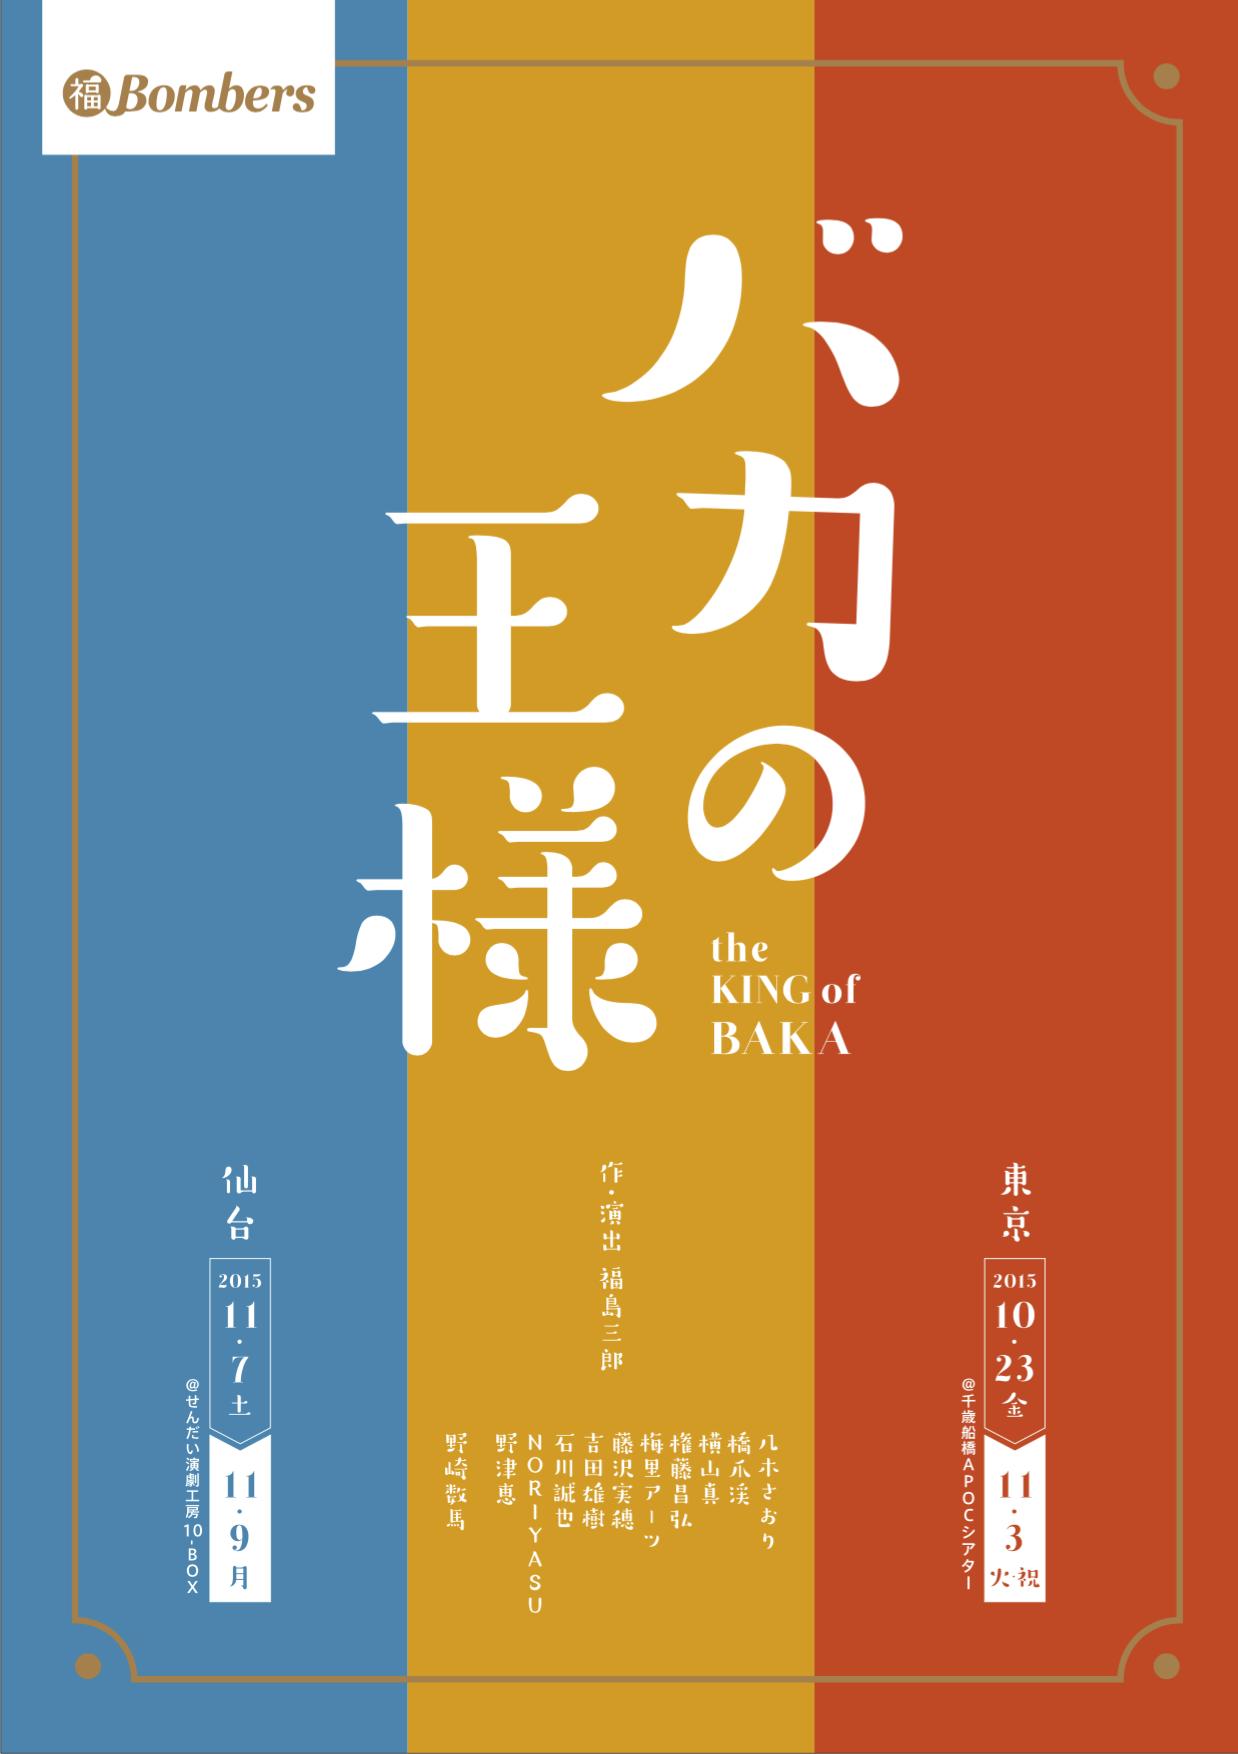 丸福ボンバーズ第六回公演 「バカの王様〜The KING of BAKA〜」【仙台公演】